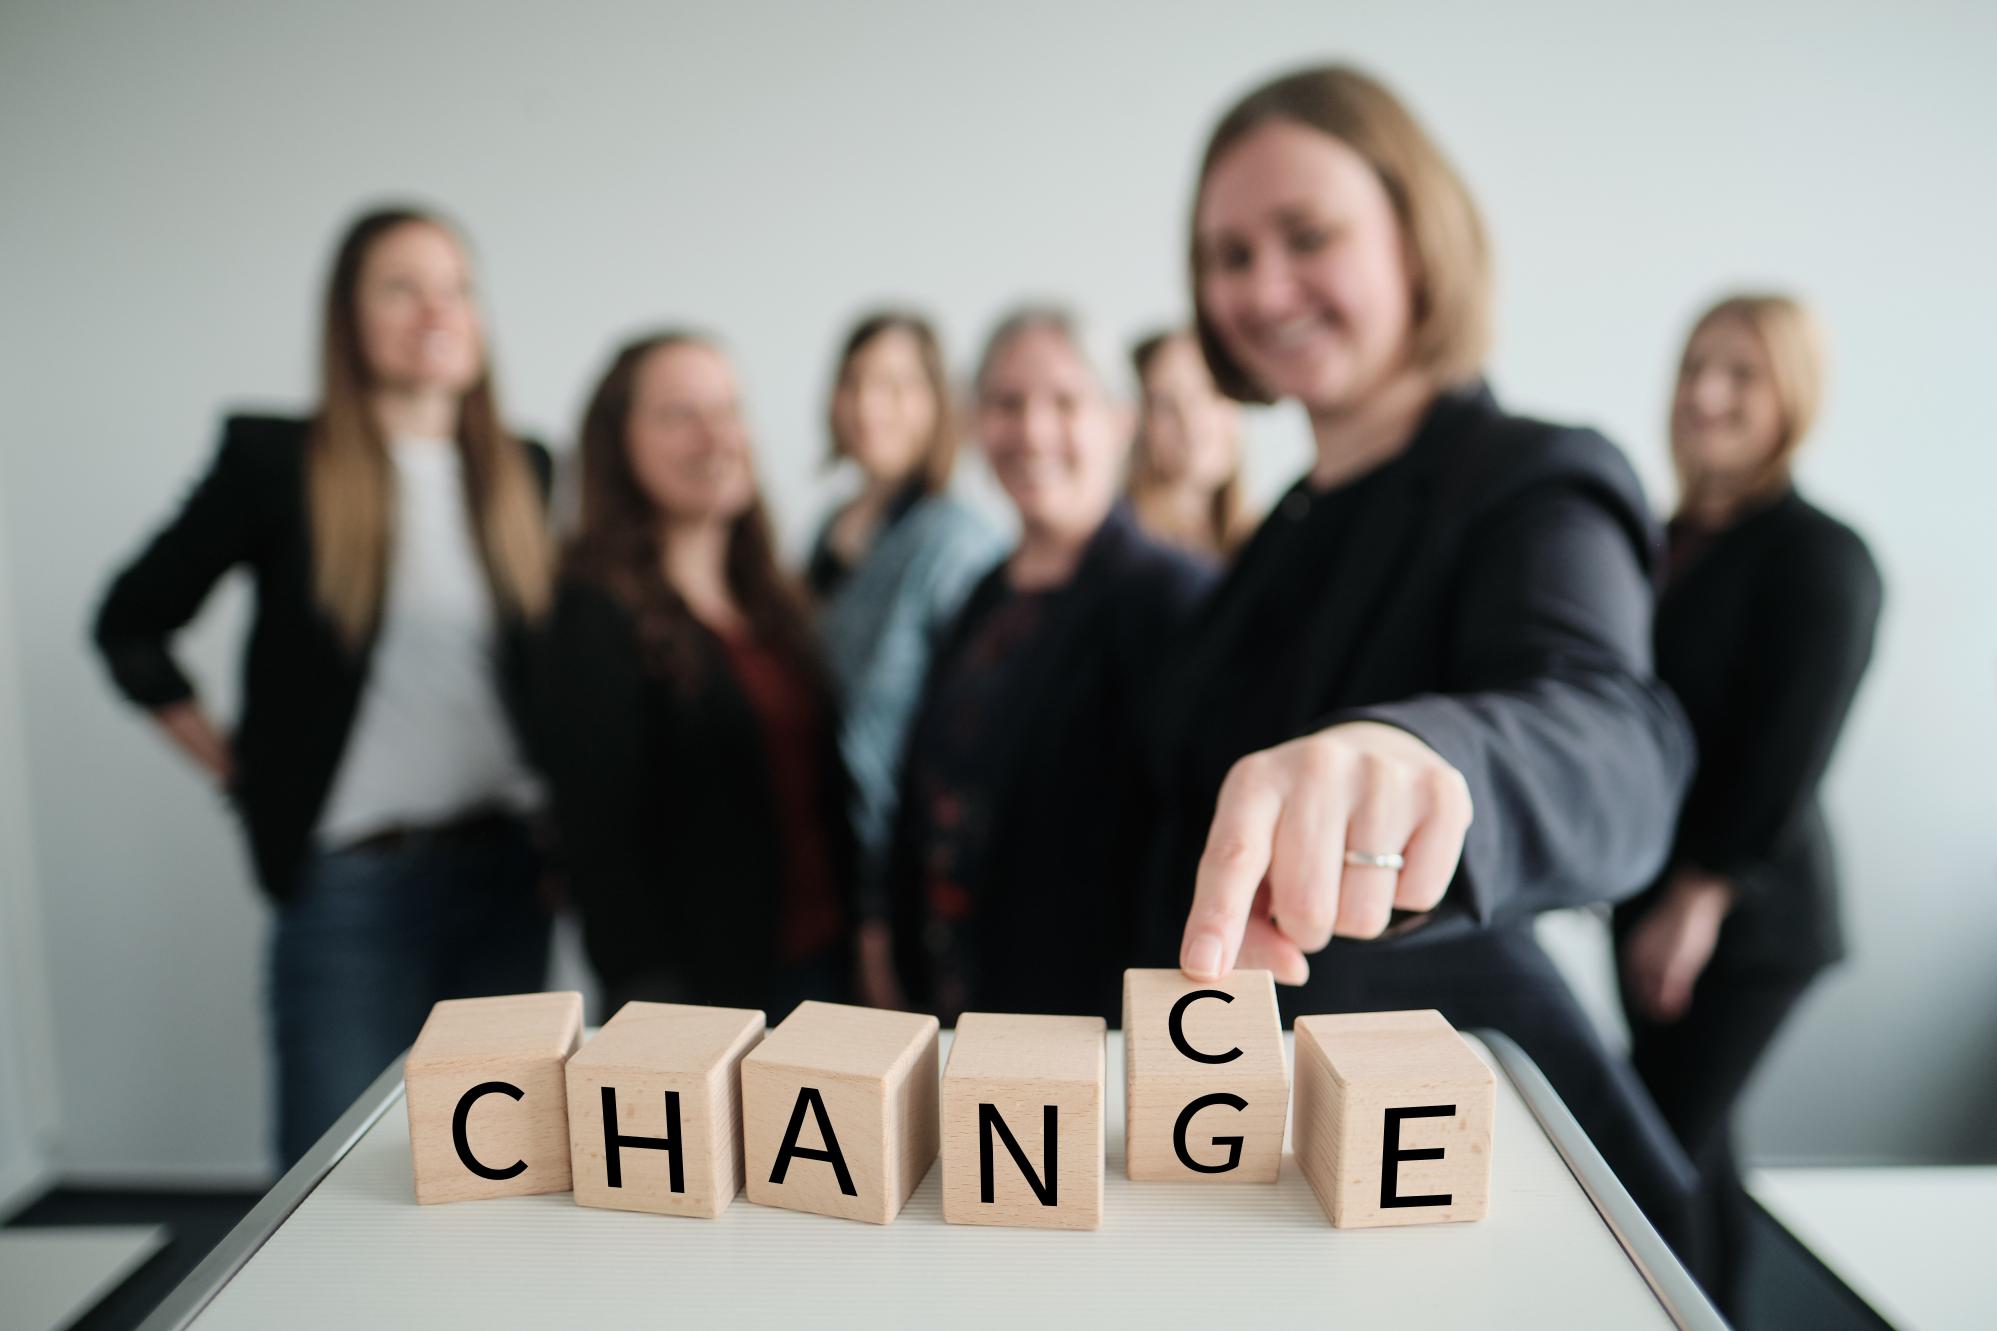 Change Kommunikation: Die Kunst, frühzeitig in Veränderungen einzubinden